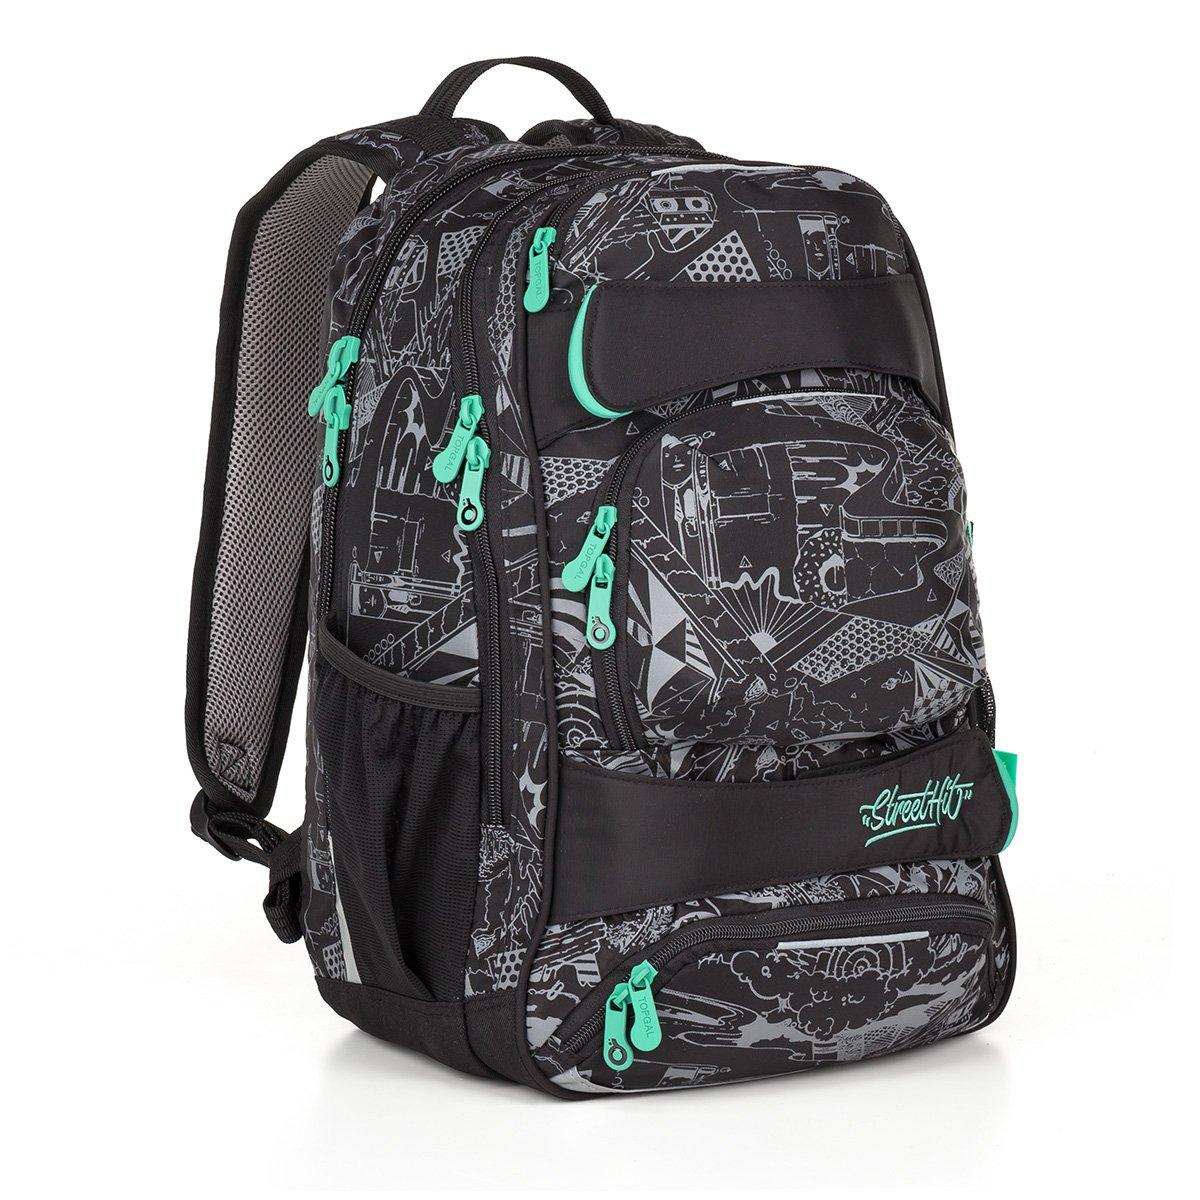 Studentský batoh Topgal YUMI 18028 B. fd95d050c3